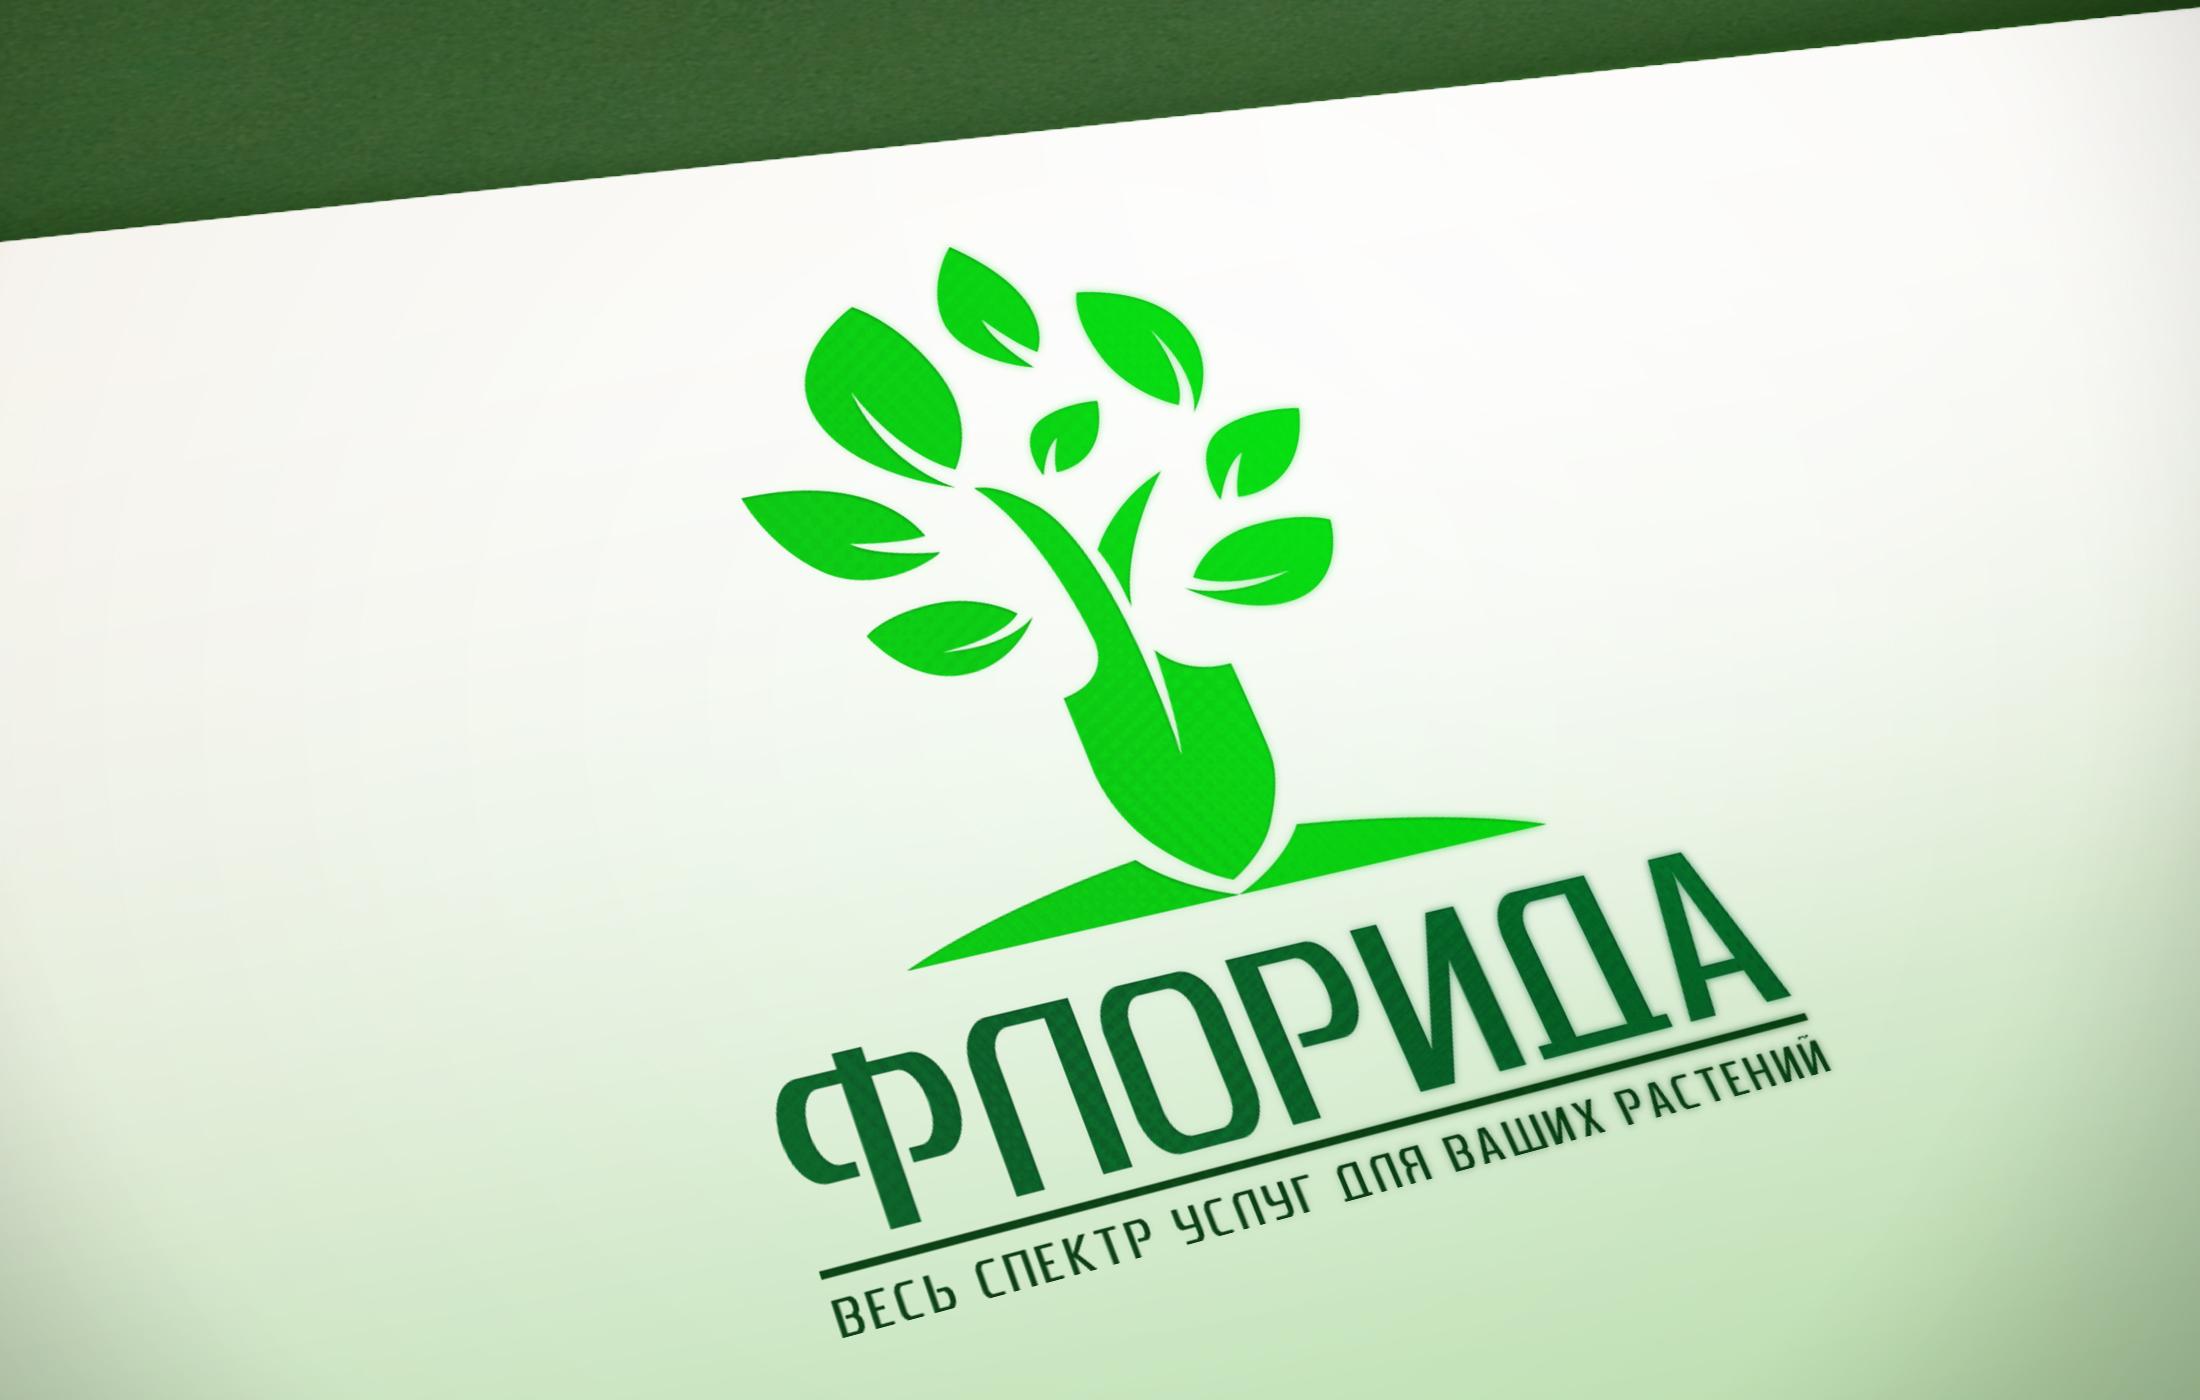 Разработка название садового центра, логотип и слоган фото f_7245a7f0f9b7ae30.jpg